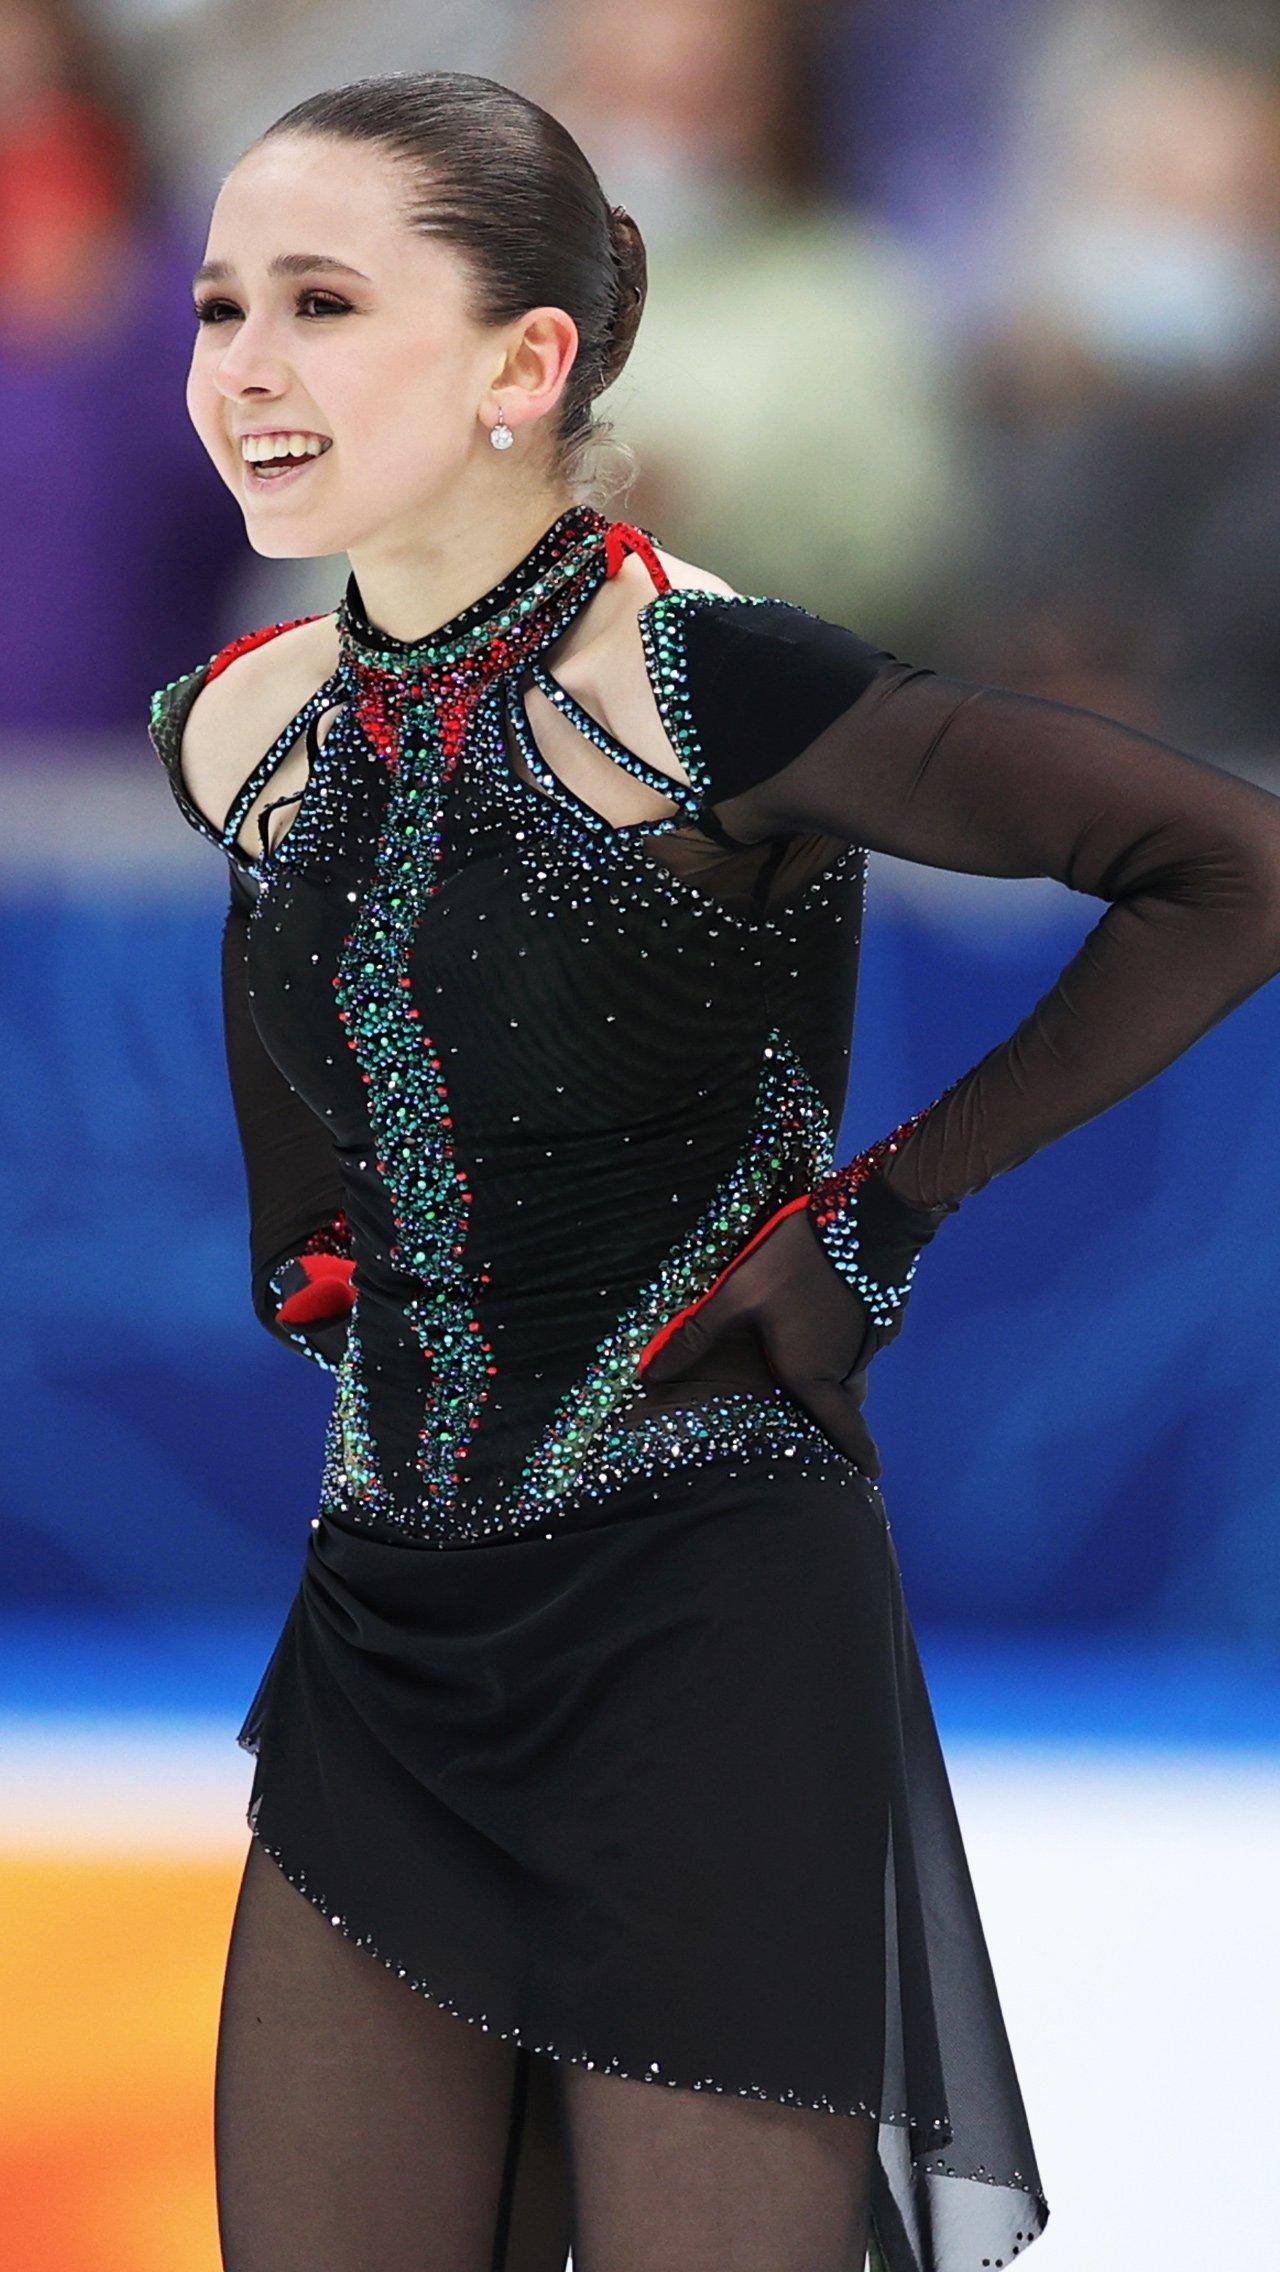 Прорывом сезона стала Камила Валиева, которая по международным правилам считалась ещё юниоркой. Ученица Тутберидзе стала второй на чемпионате России и выиграла финал Кубка России.